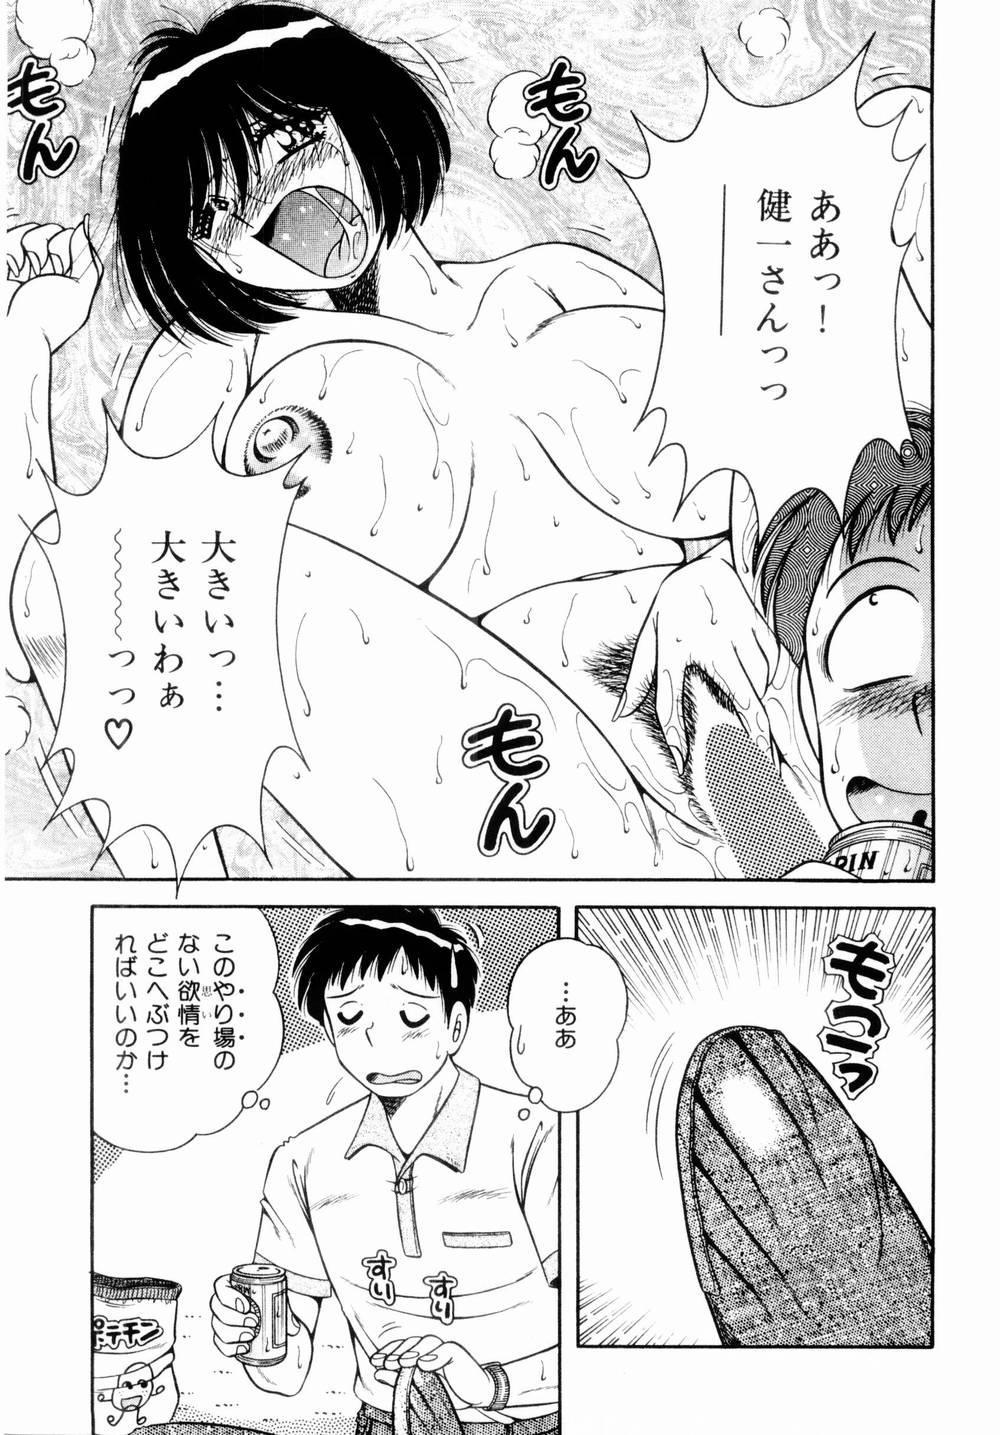 Misshitsu no Aventure 157